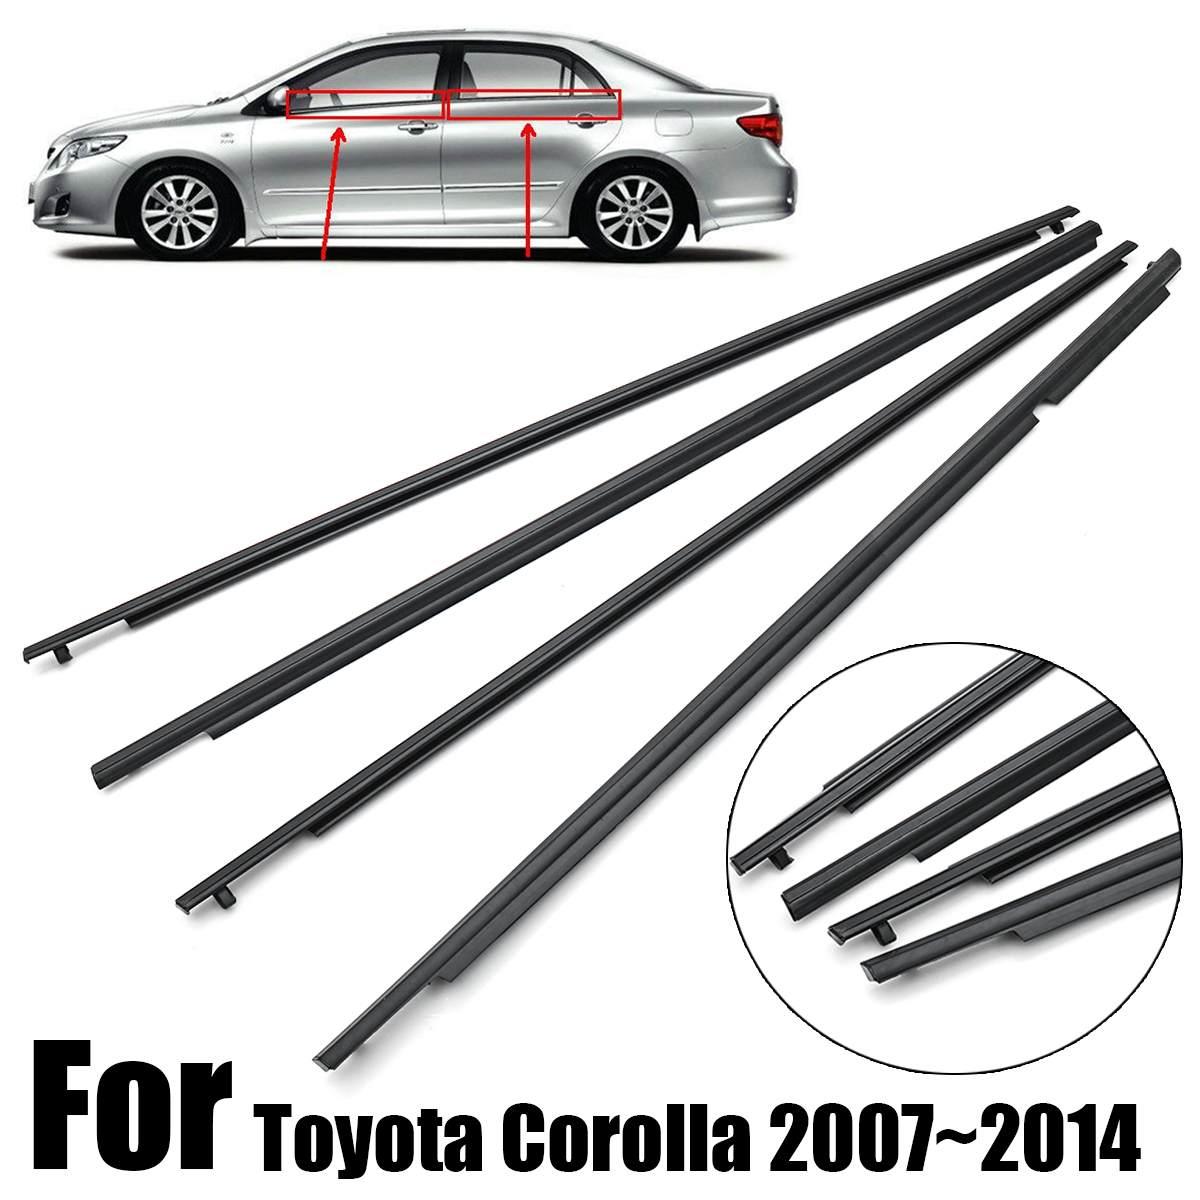 Weatherstrip Window Seal for 2009-2012 Toyota Corolla Weatherproof Outside Trim Seal Belt 4Pcs Black